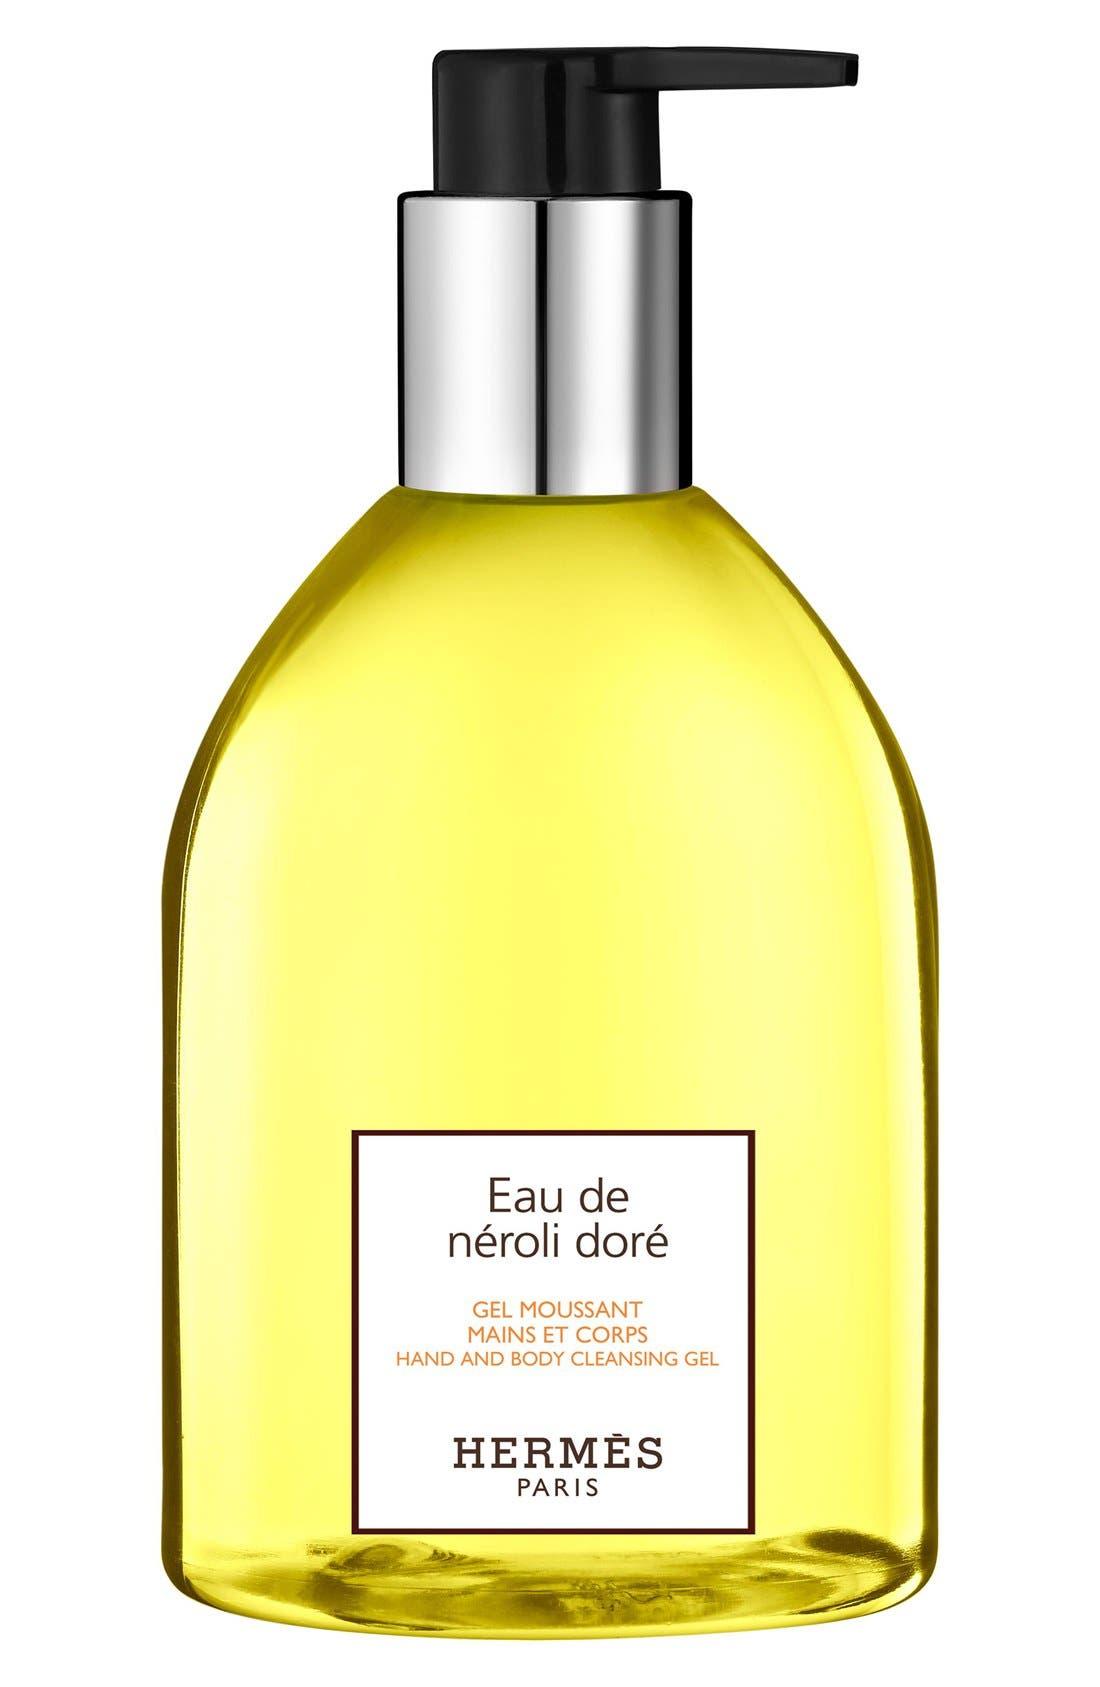 Hermés Eau de Néroli Doré - Hand and body cleansing gel